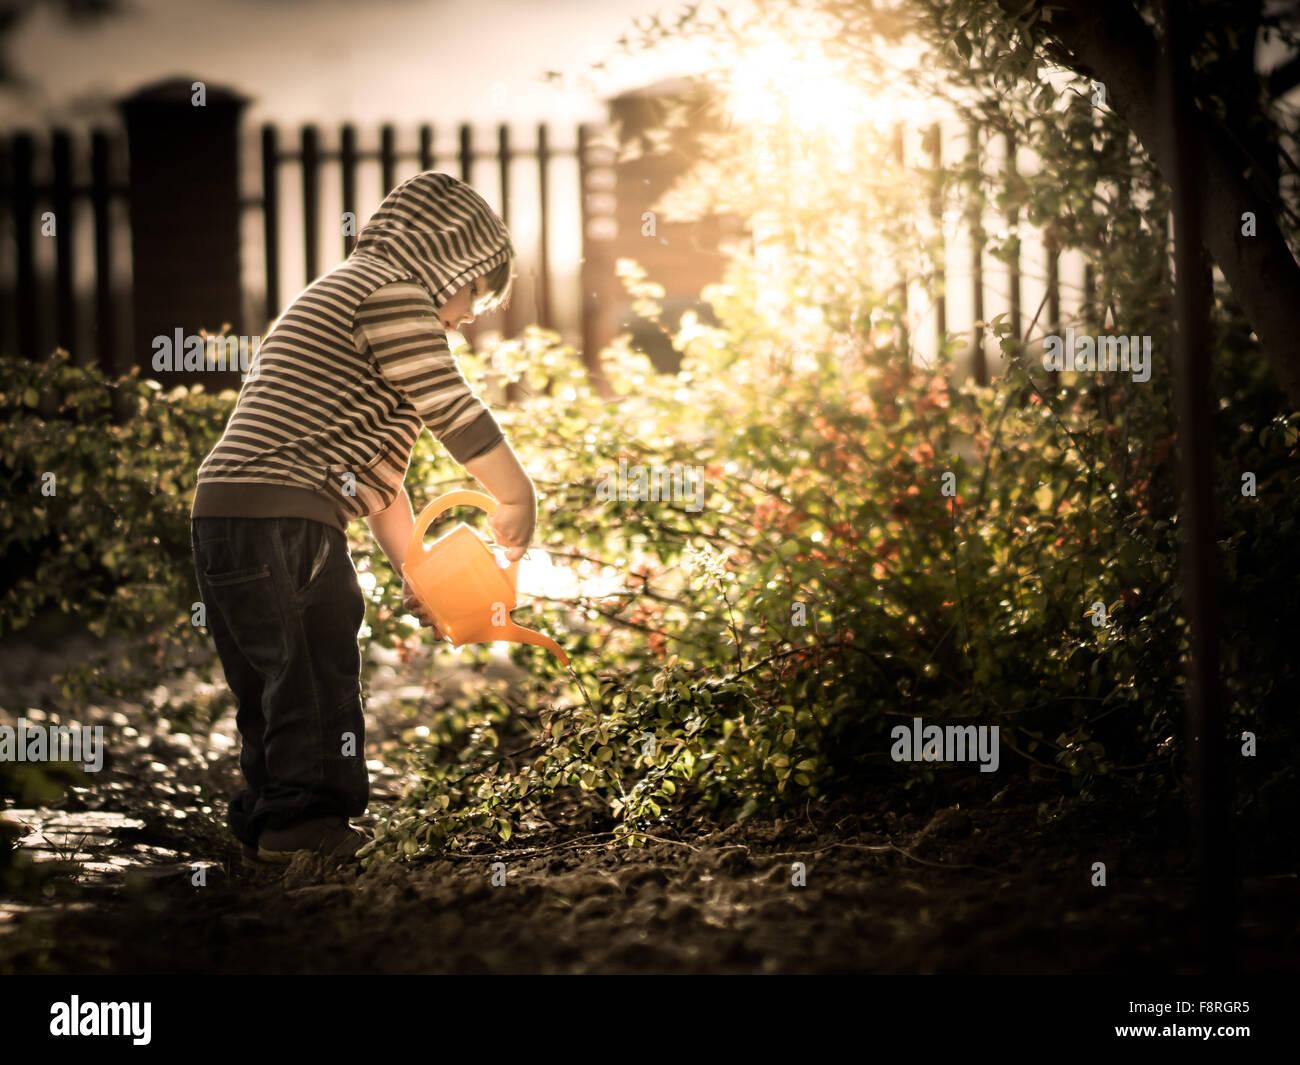 Muchacho regar las plantas en un jardín. Foto de stock